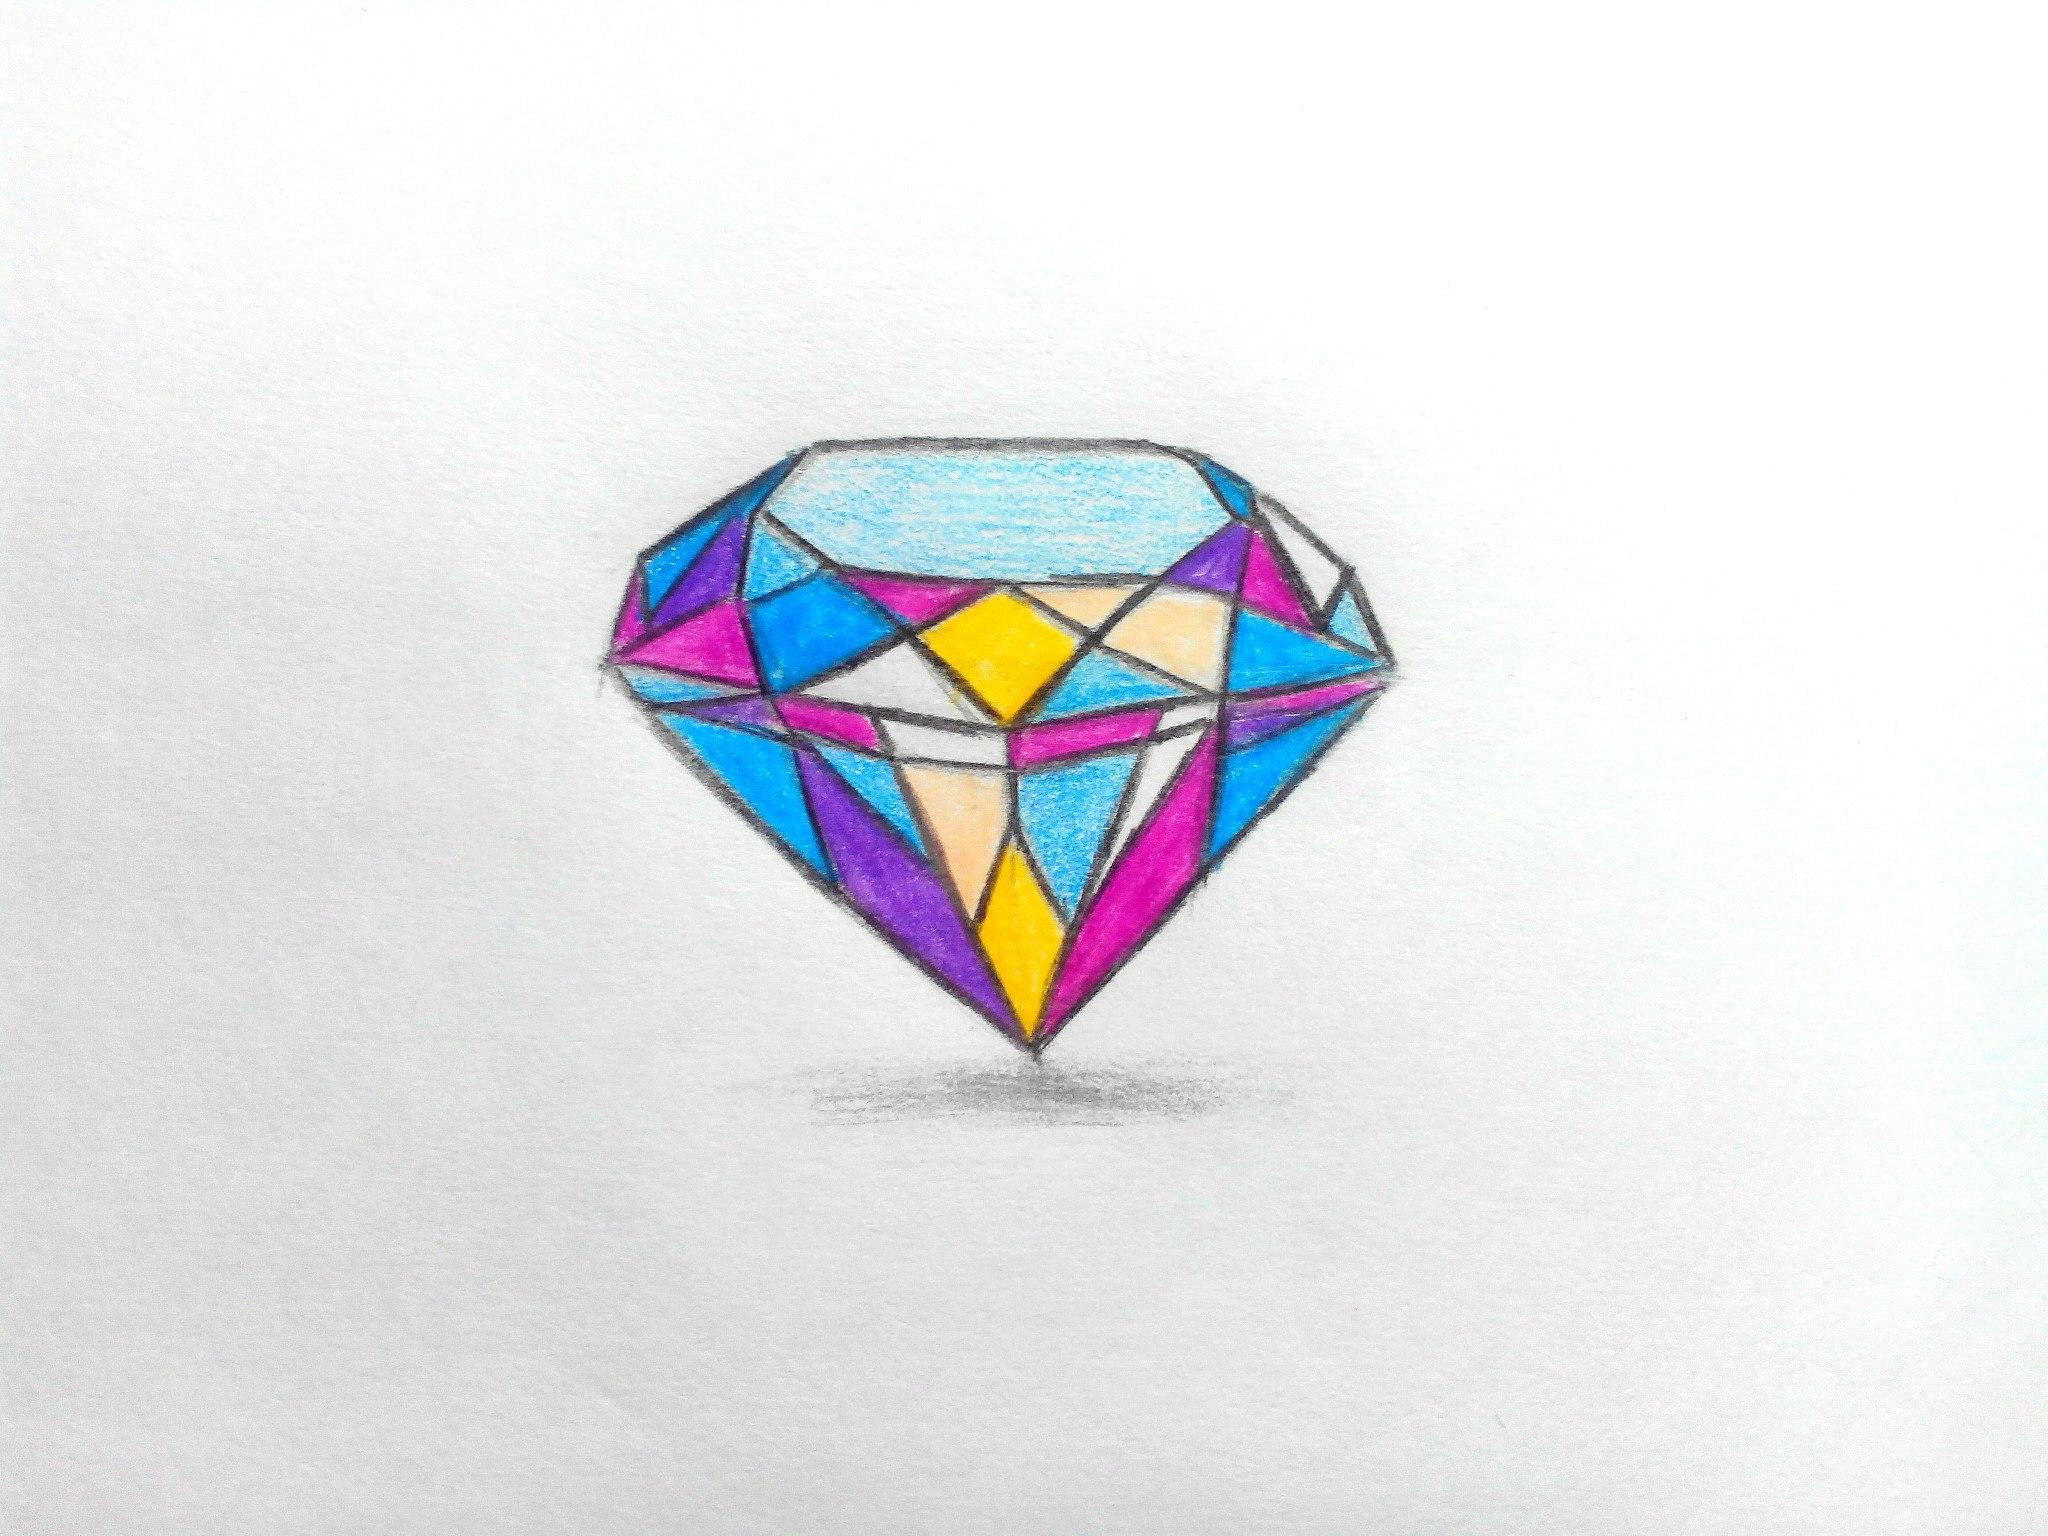 Как нарисовать алмаз карандашом поэтапно?